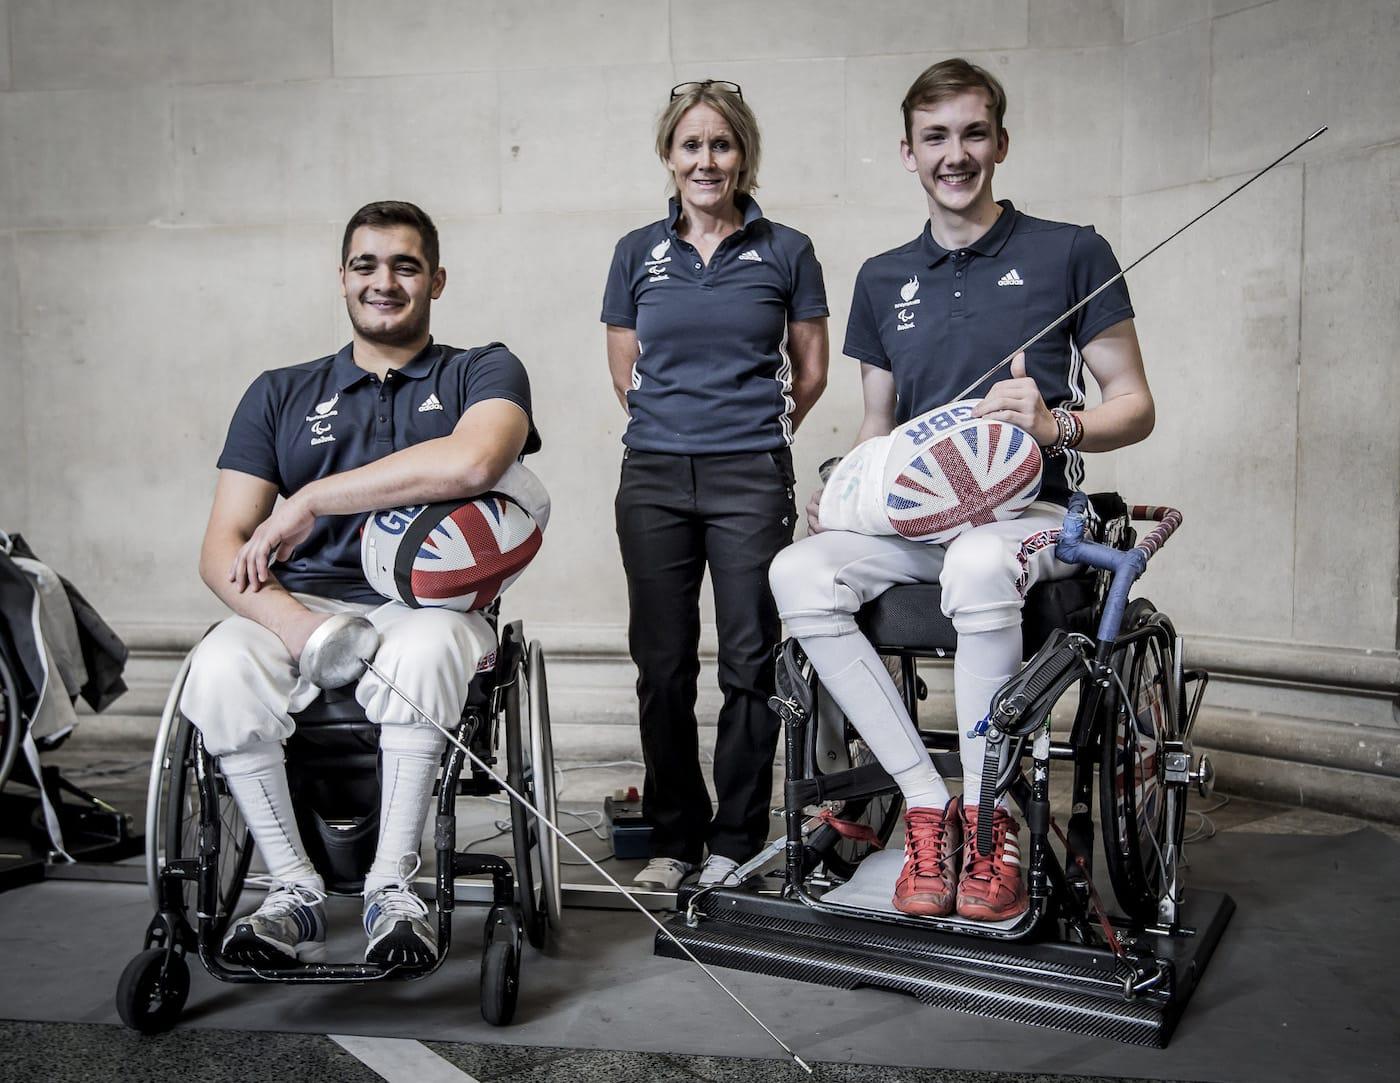 英国パラリンピック・フェンシングチームの選手たちとペニー・ブリスコー・英国パラリンピック協会統括責任者